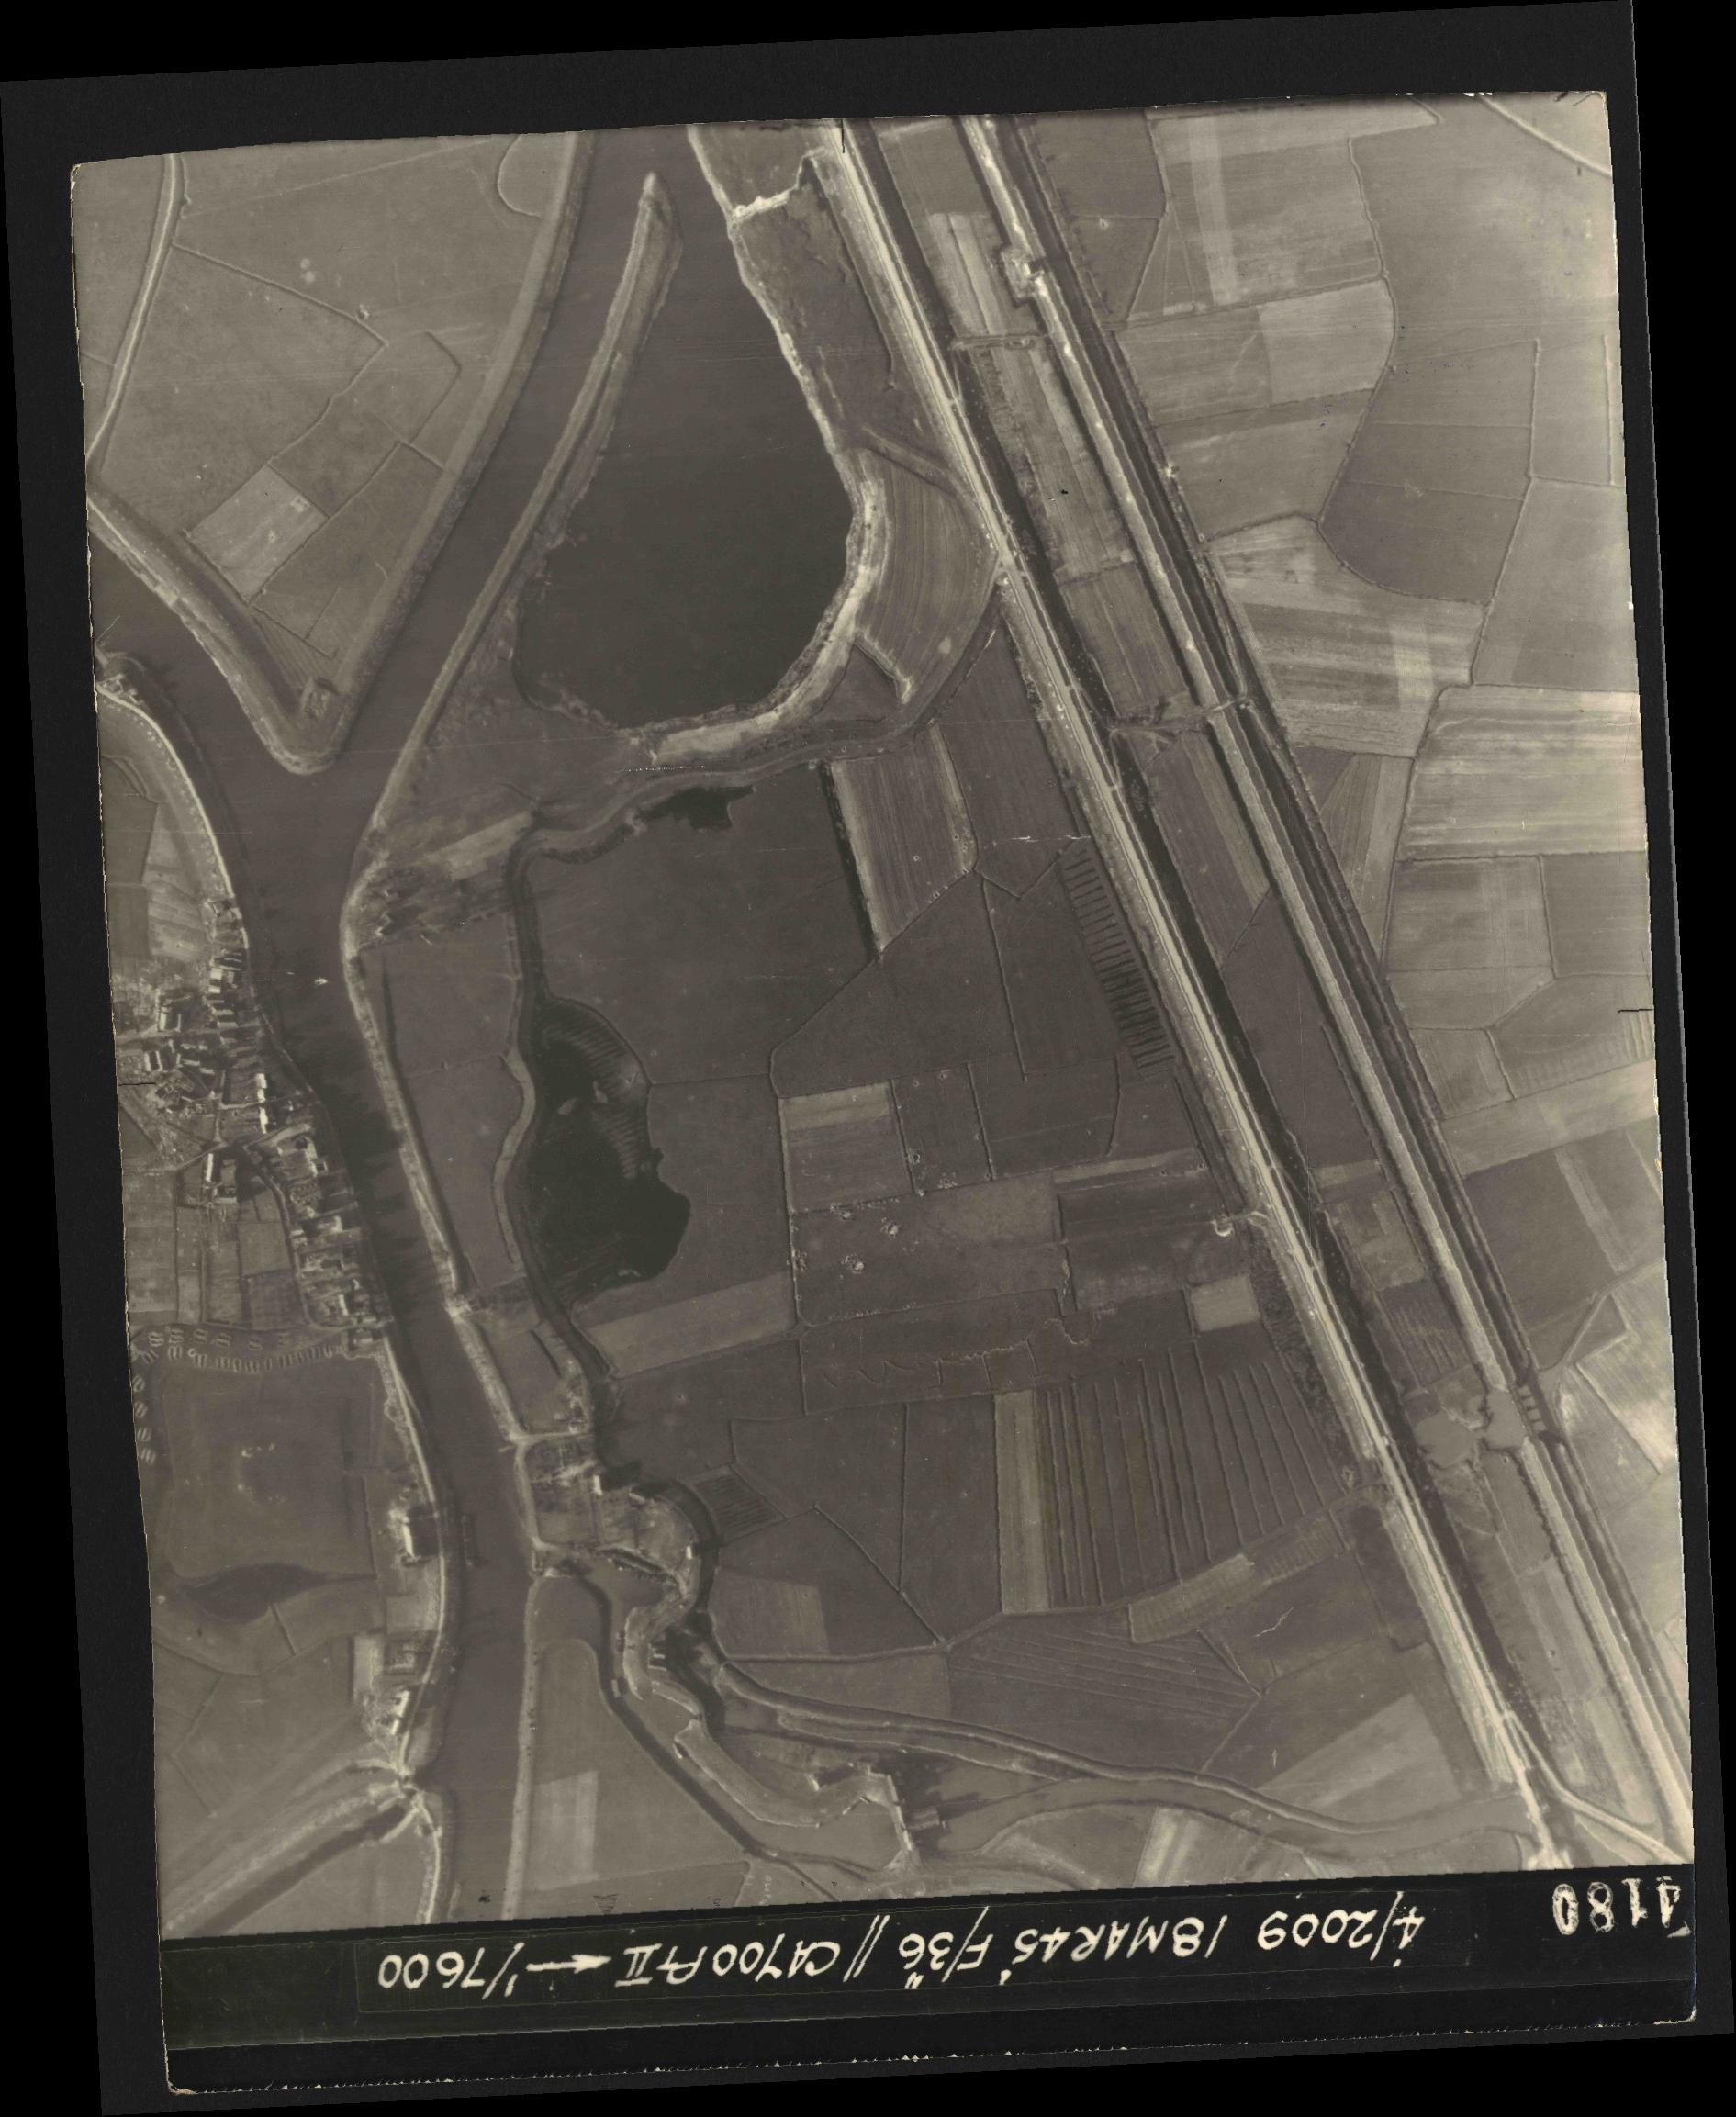 Collection RAF aerial photos 1940-1945 - flight 017, run 10, photo 4180